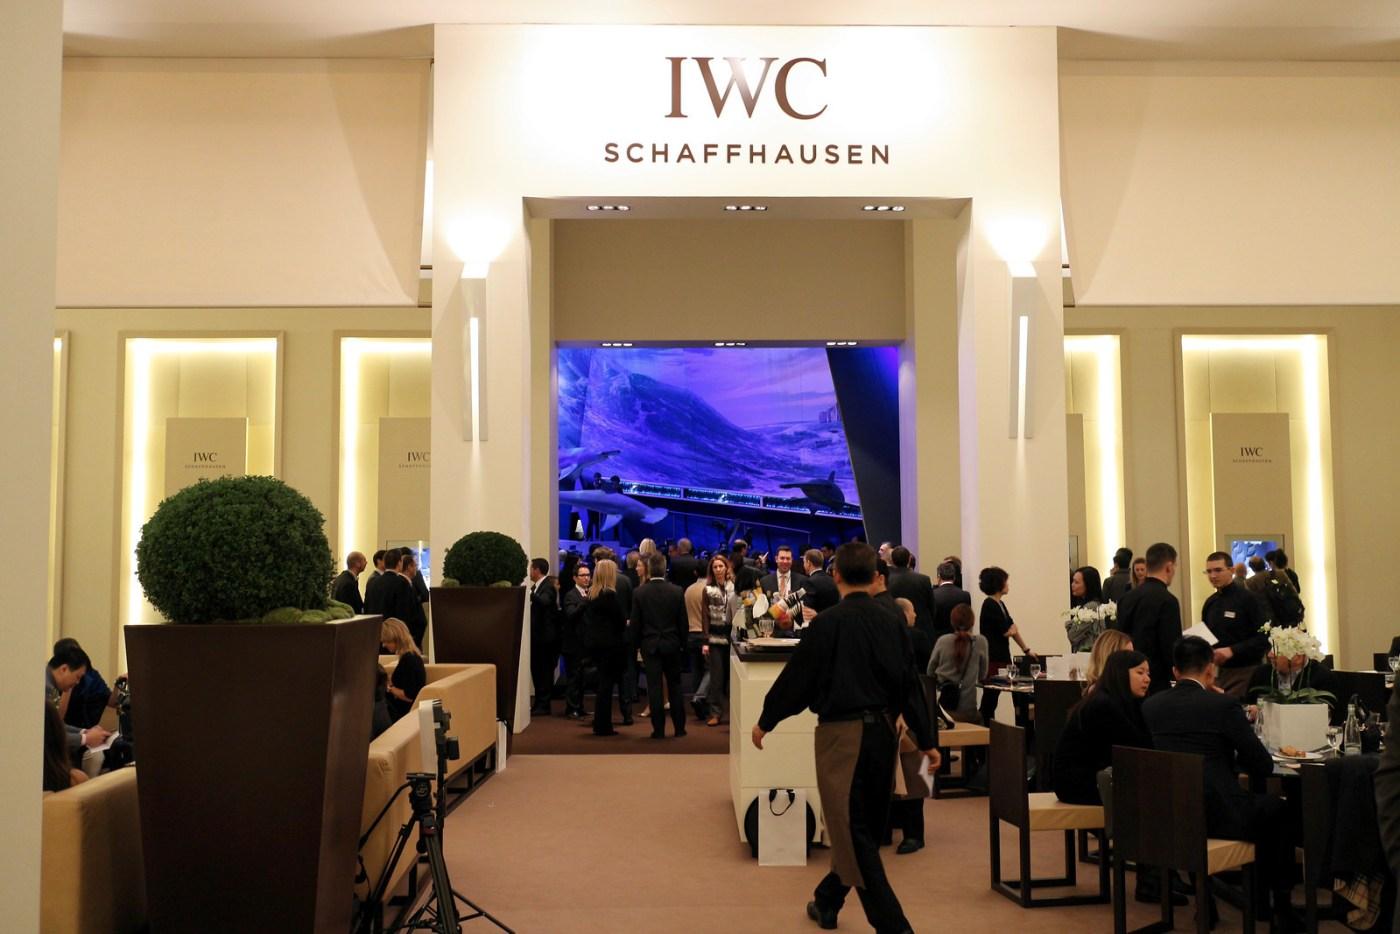 IWC Schaffhausen booth SIHH 2014